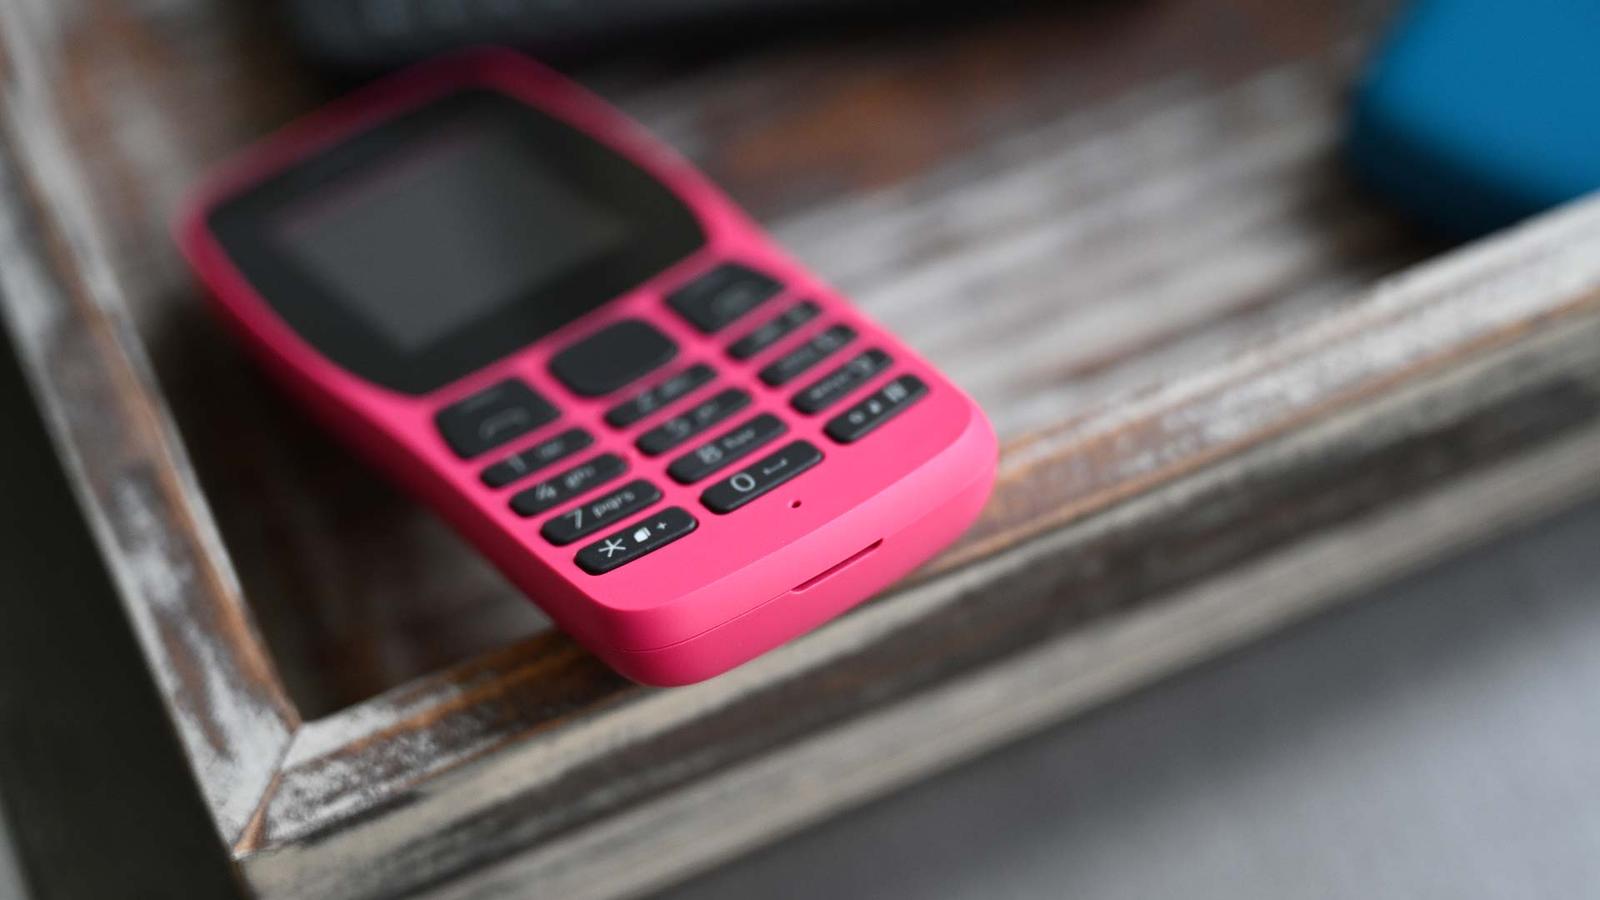 The Nokia 110.